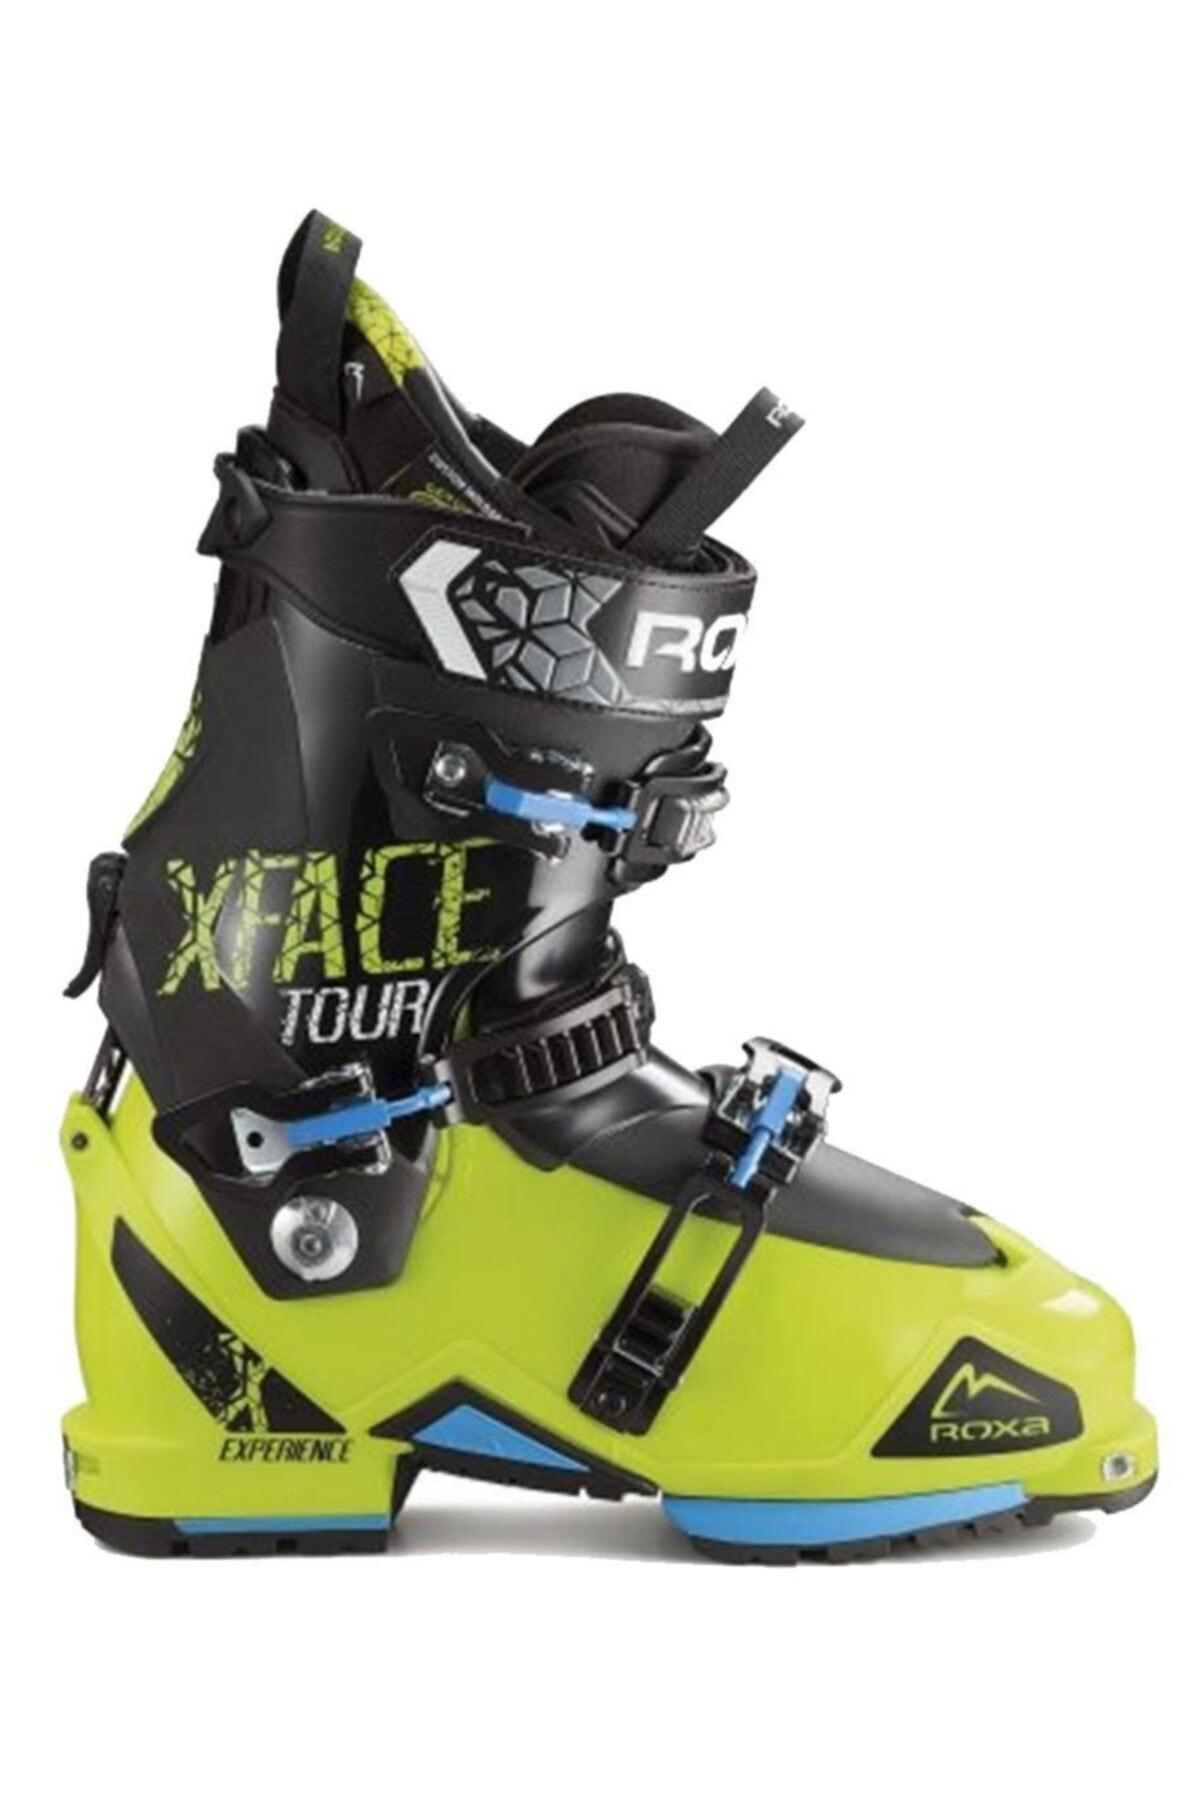 Roxa X-face Tur - Kayak Ayakkabısı 1